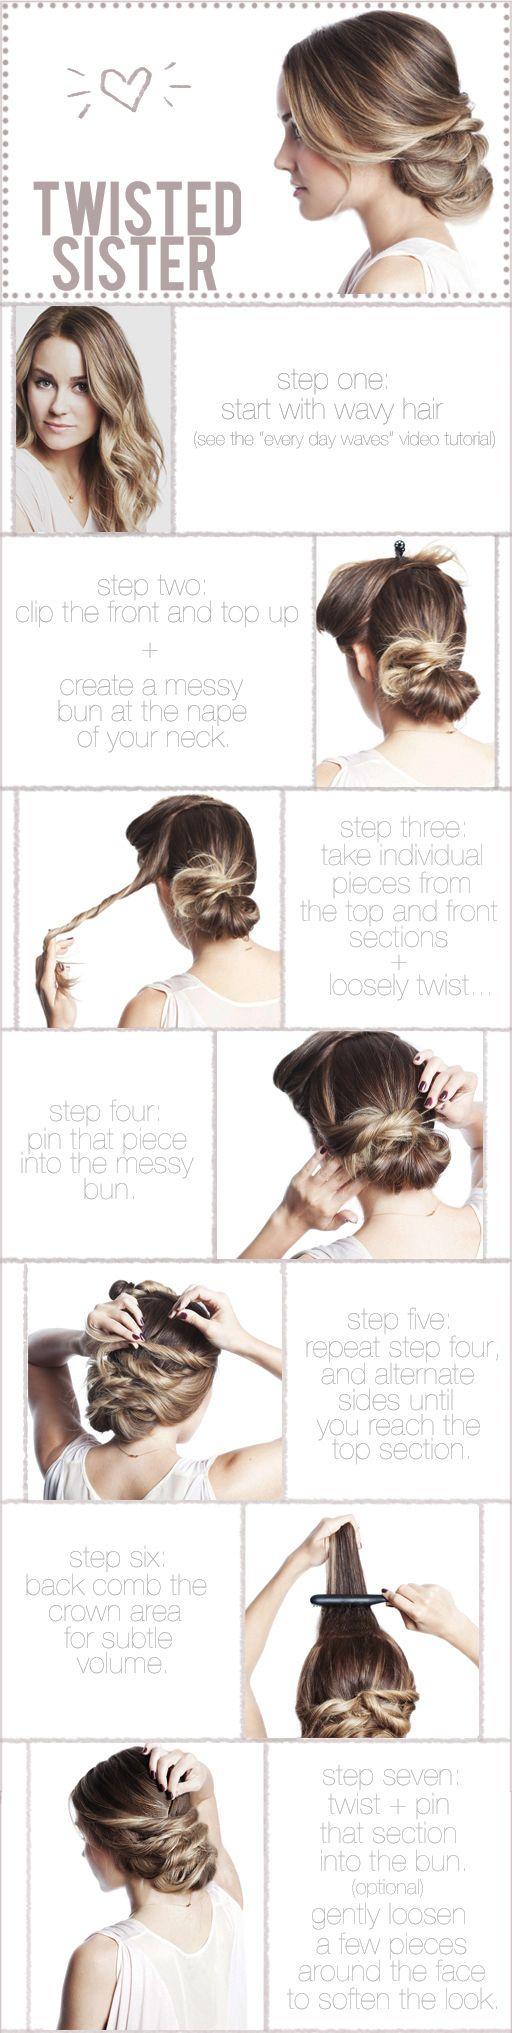 Beautiful hair tutorial!